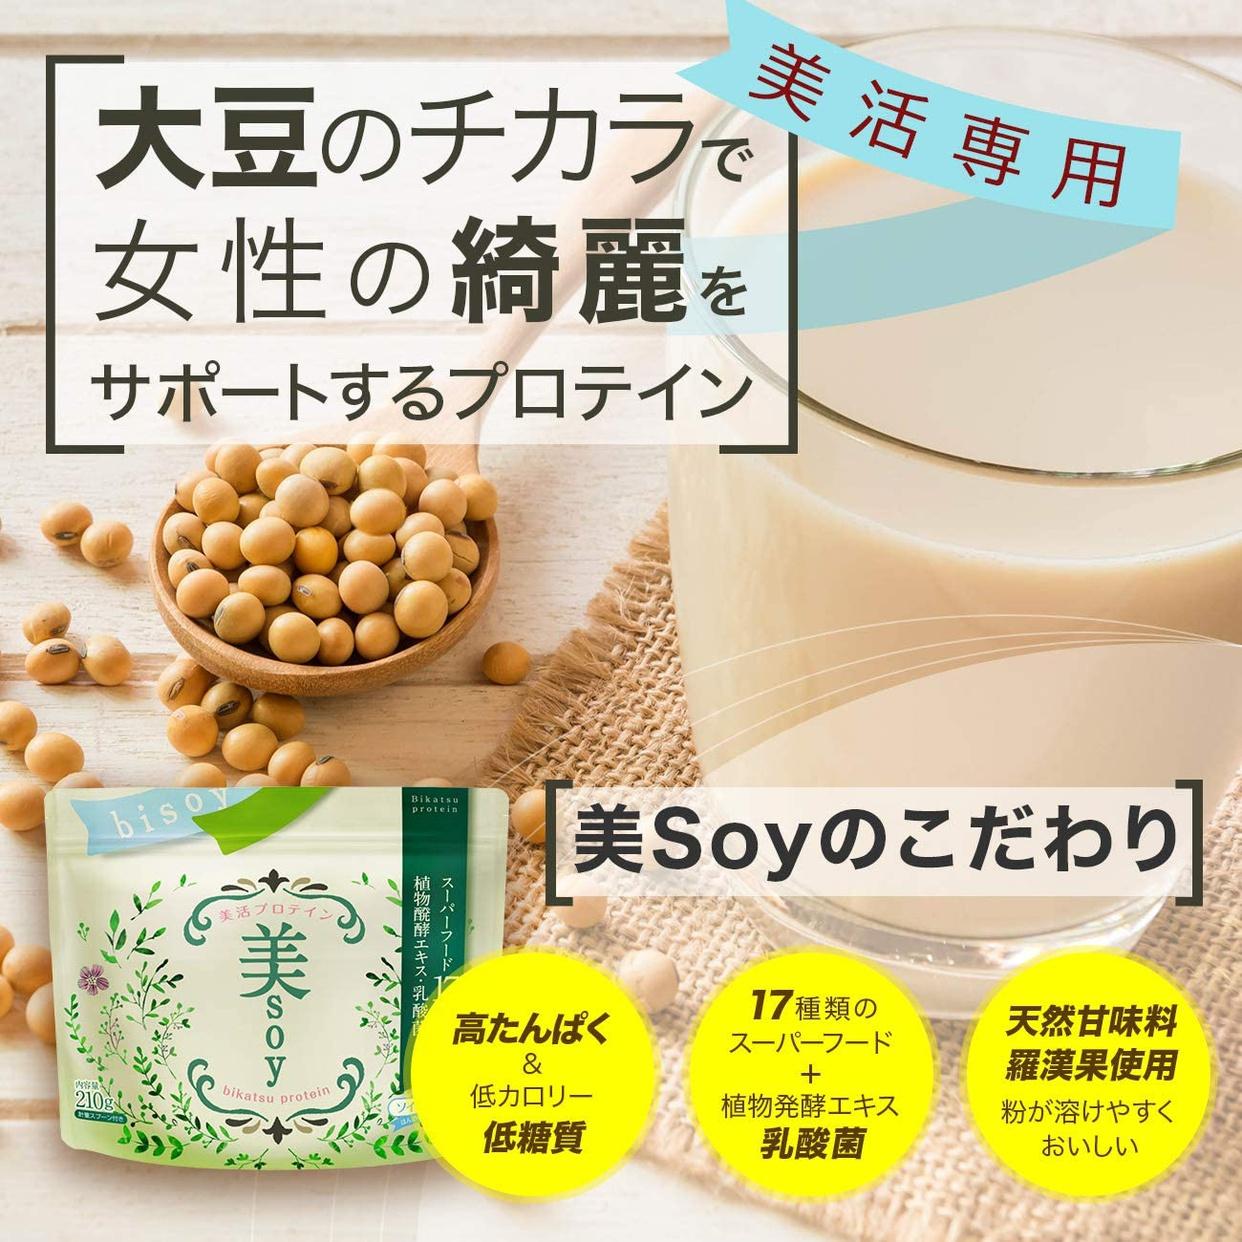 MONO CORP.(モノコーポレーション) 美Soyの商品画像2